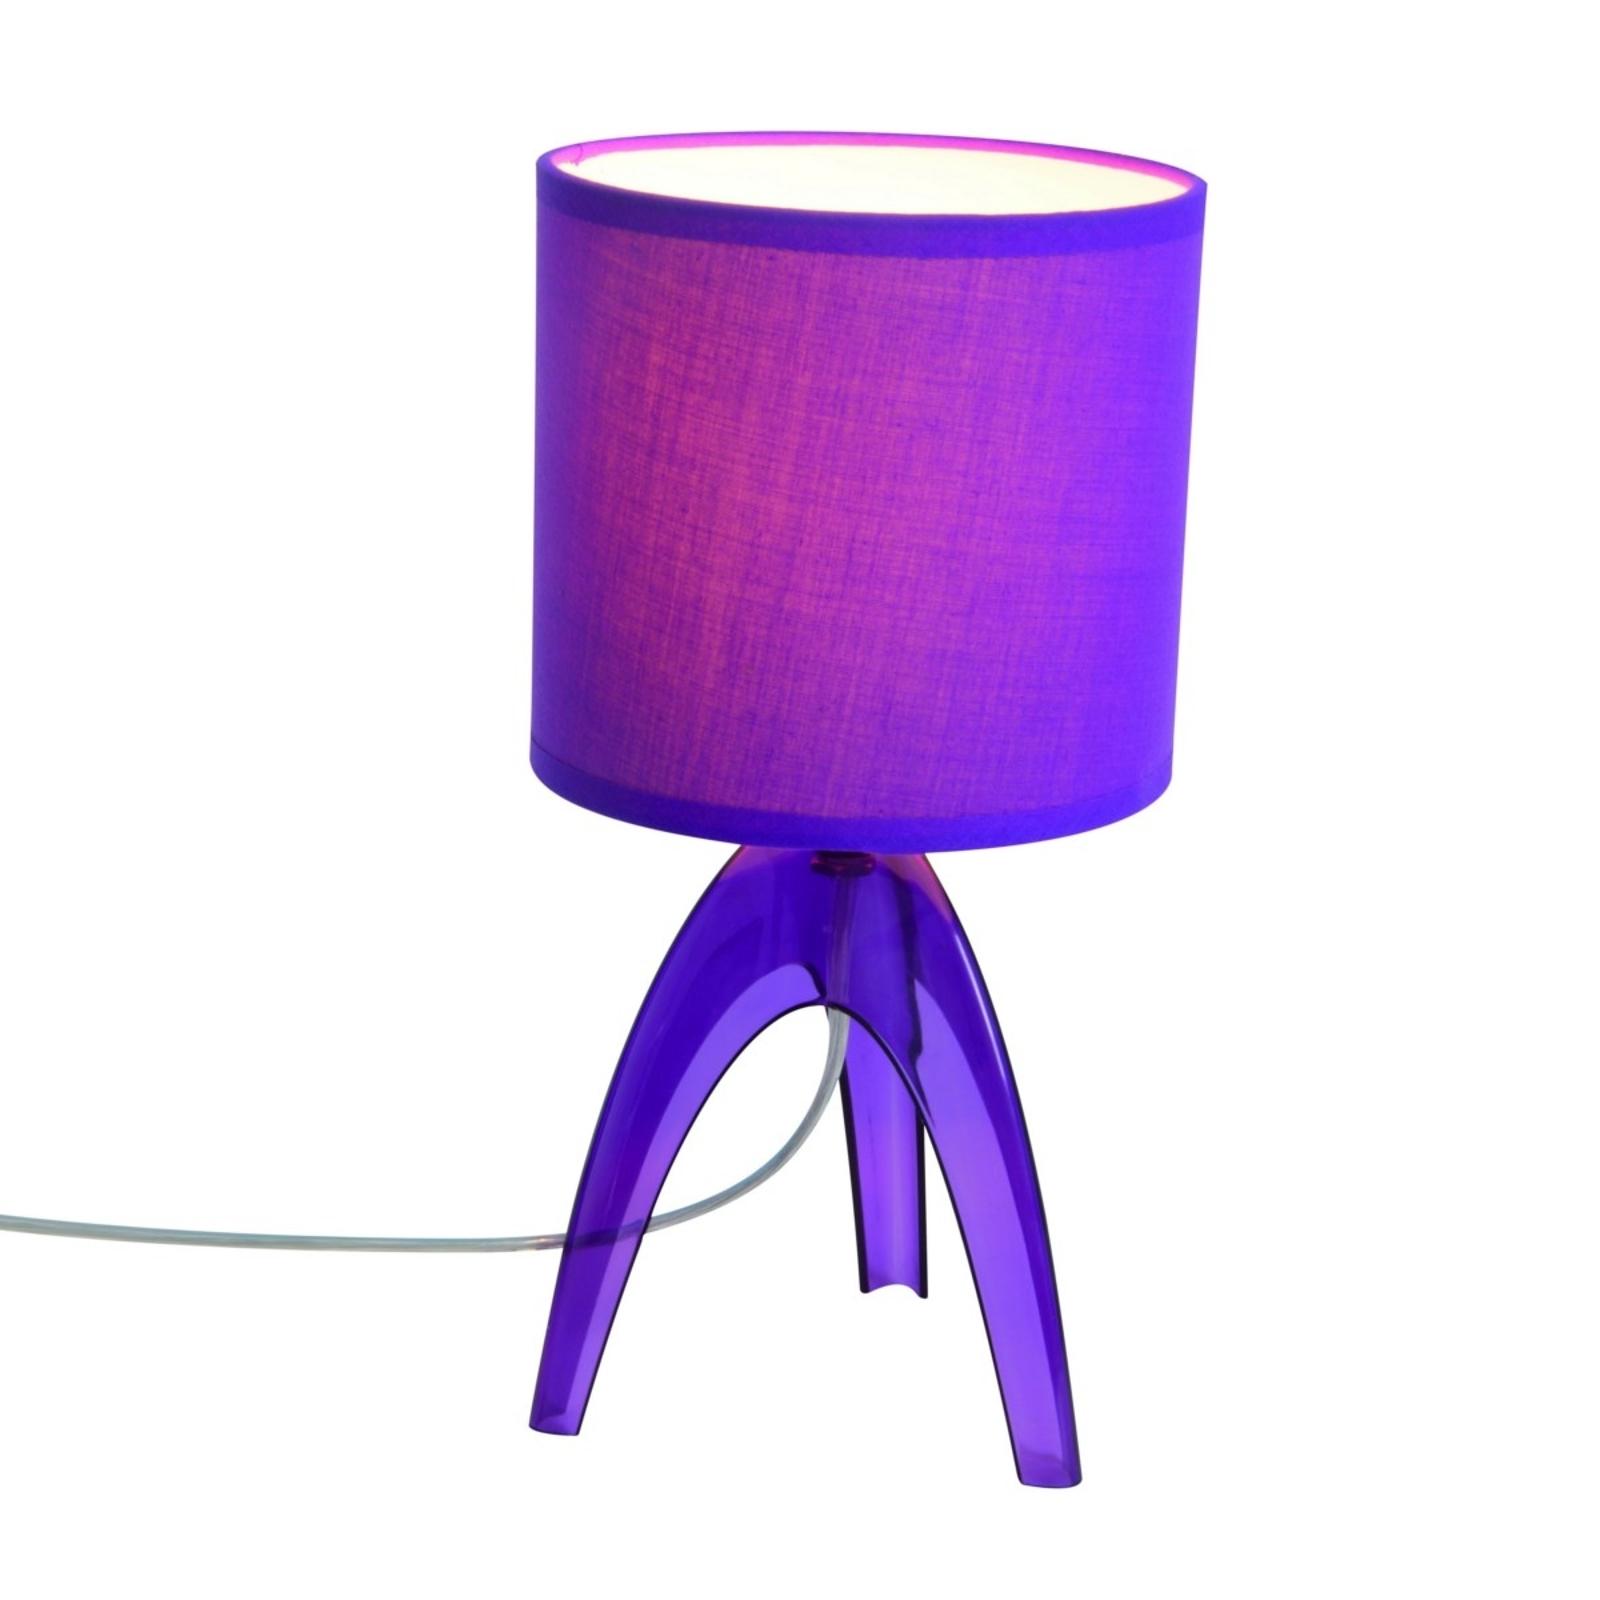 Trendige Tischleuchte Ufolino, violett